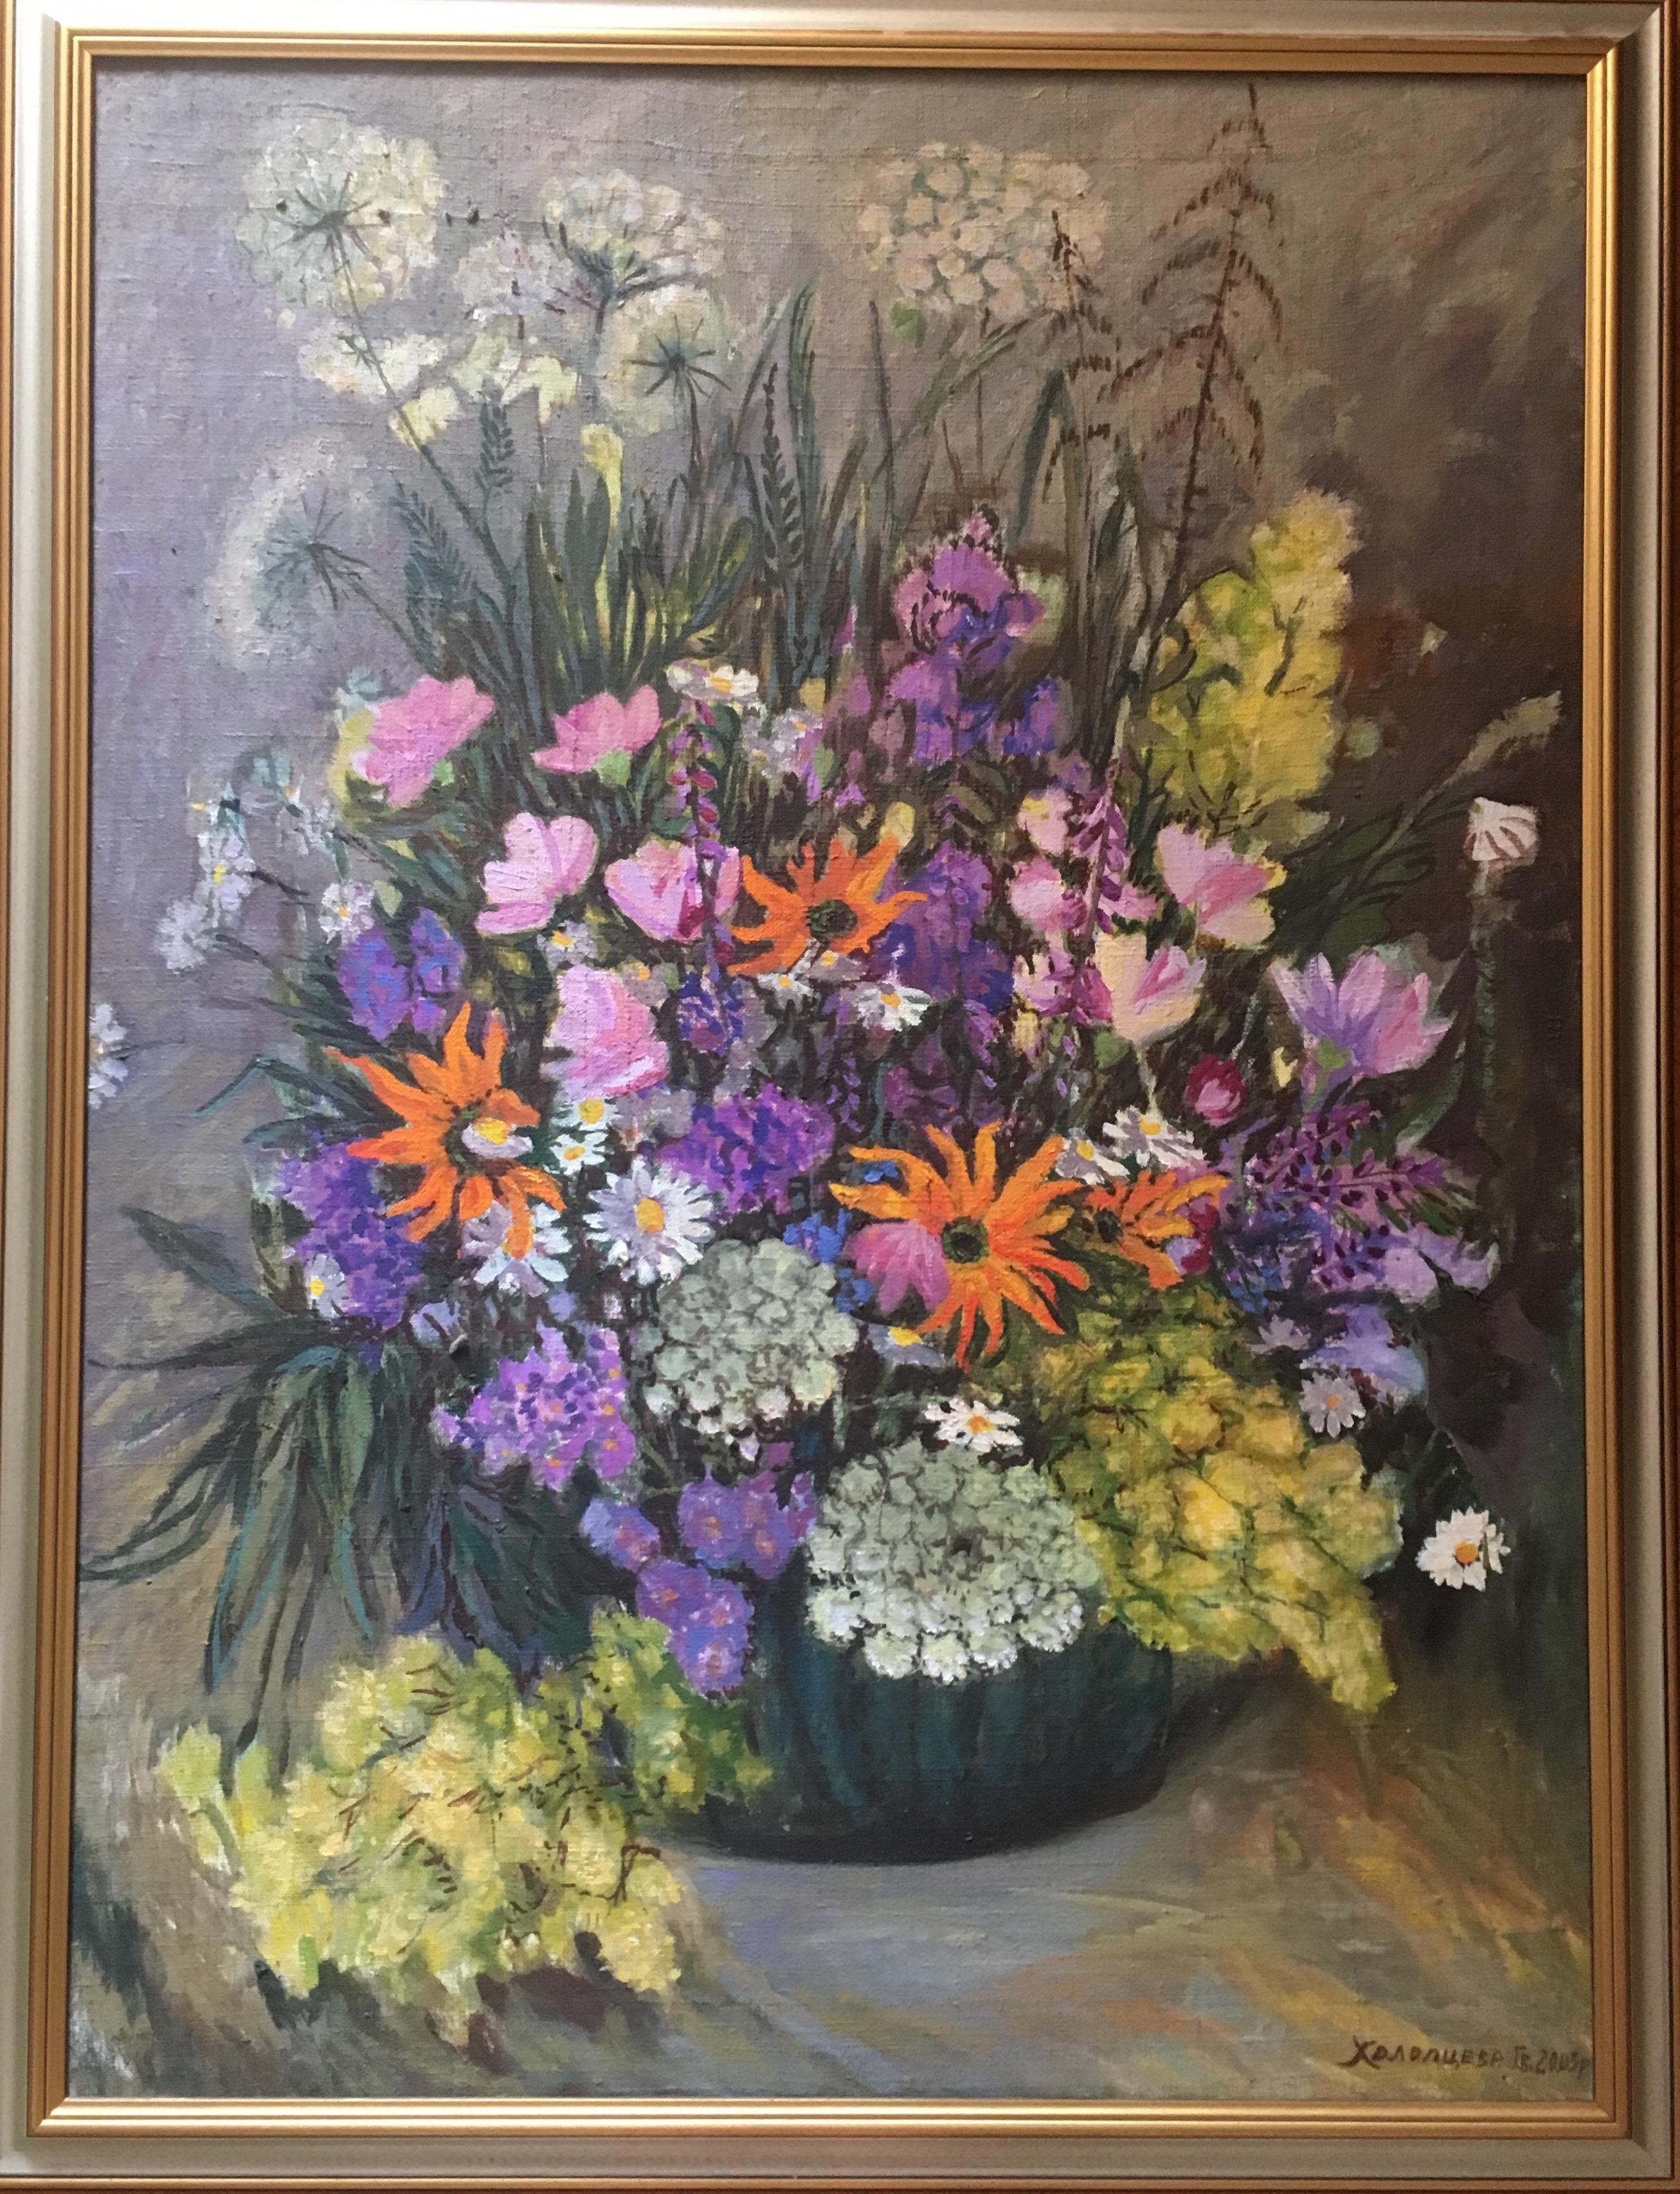 Цветочный натюрморт 66-88 см., холст, масло, 2003 год  - 1